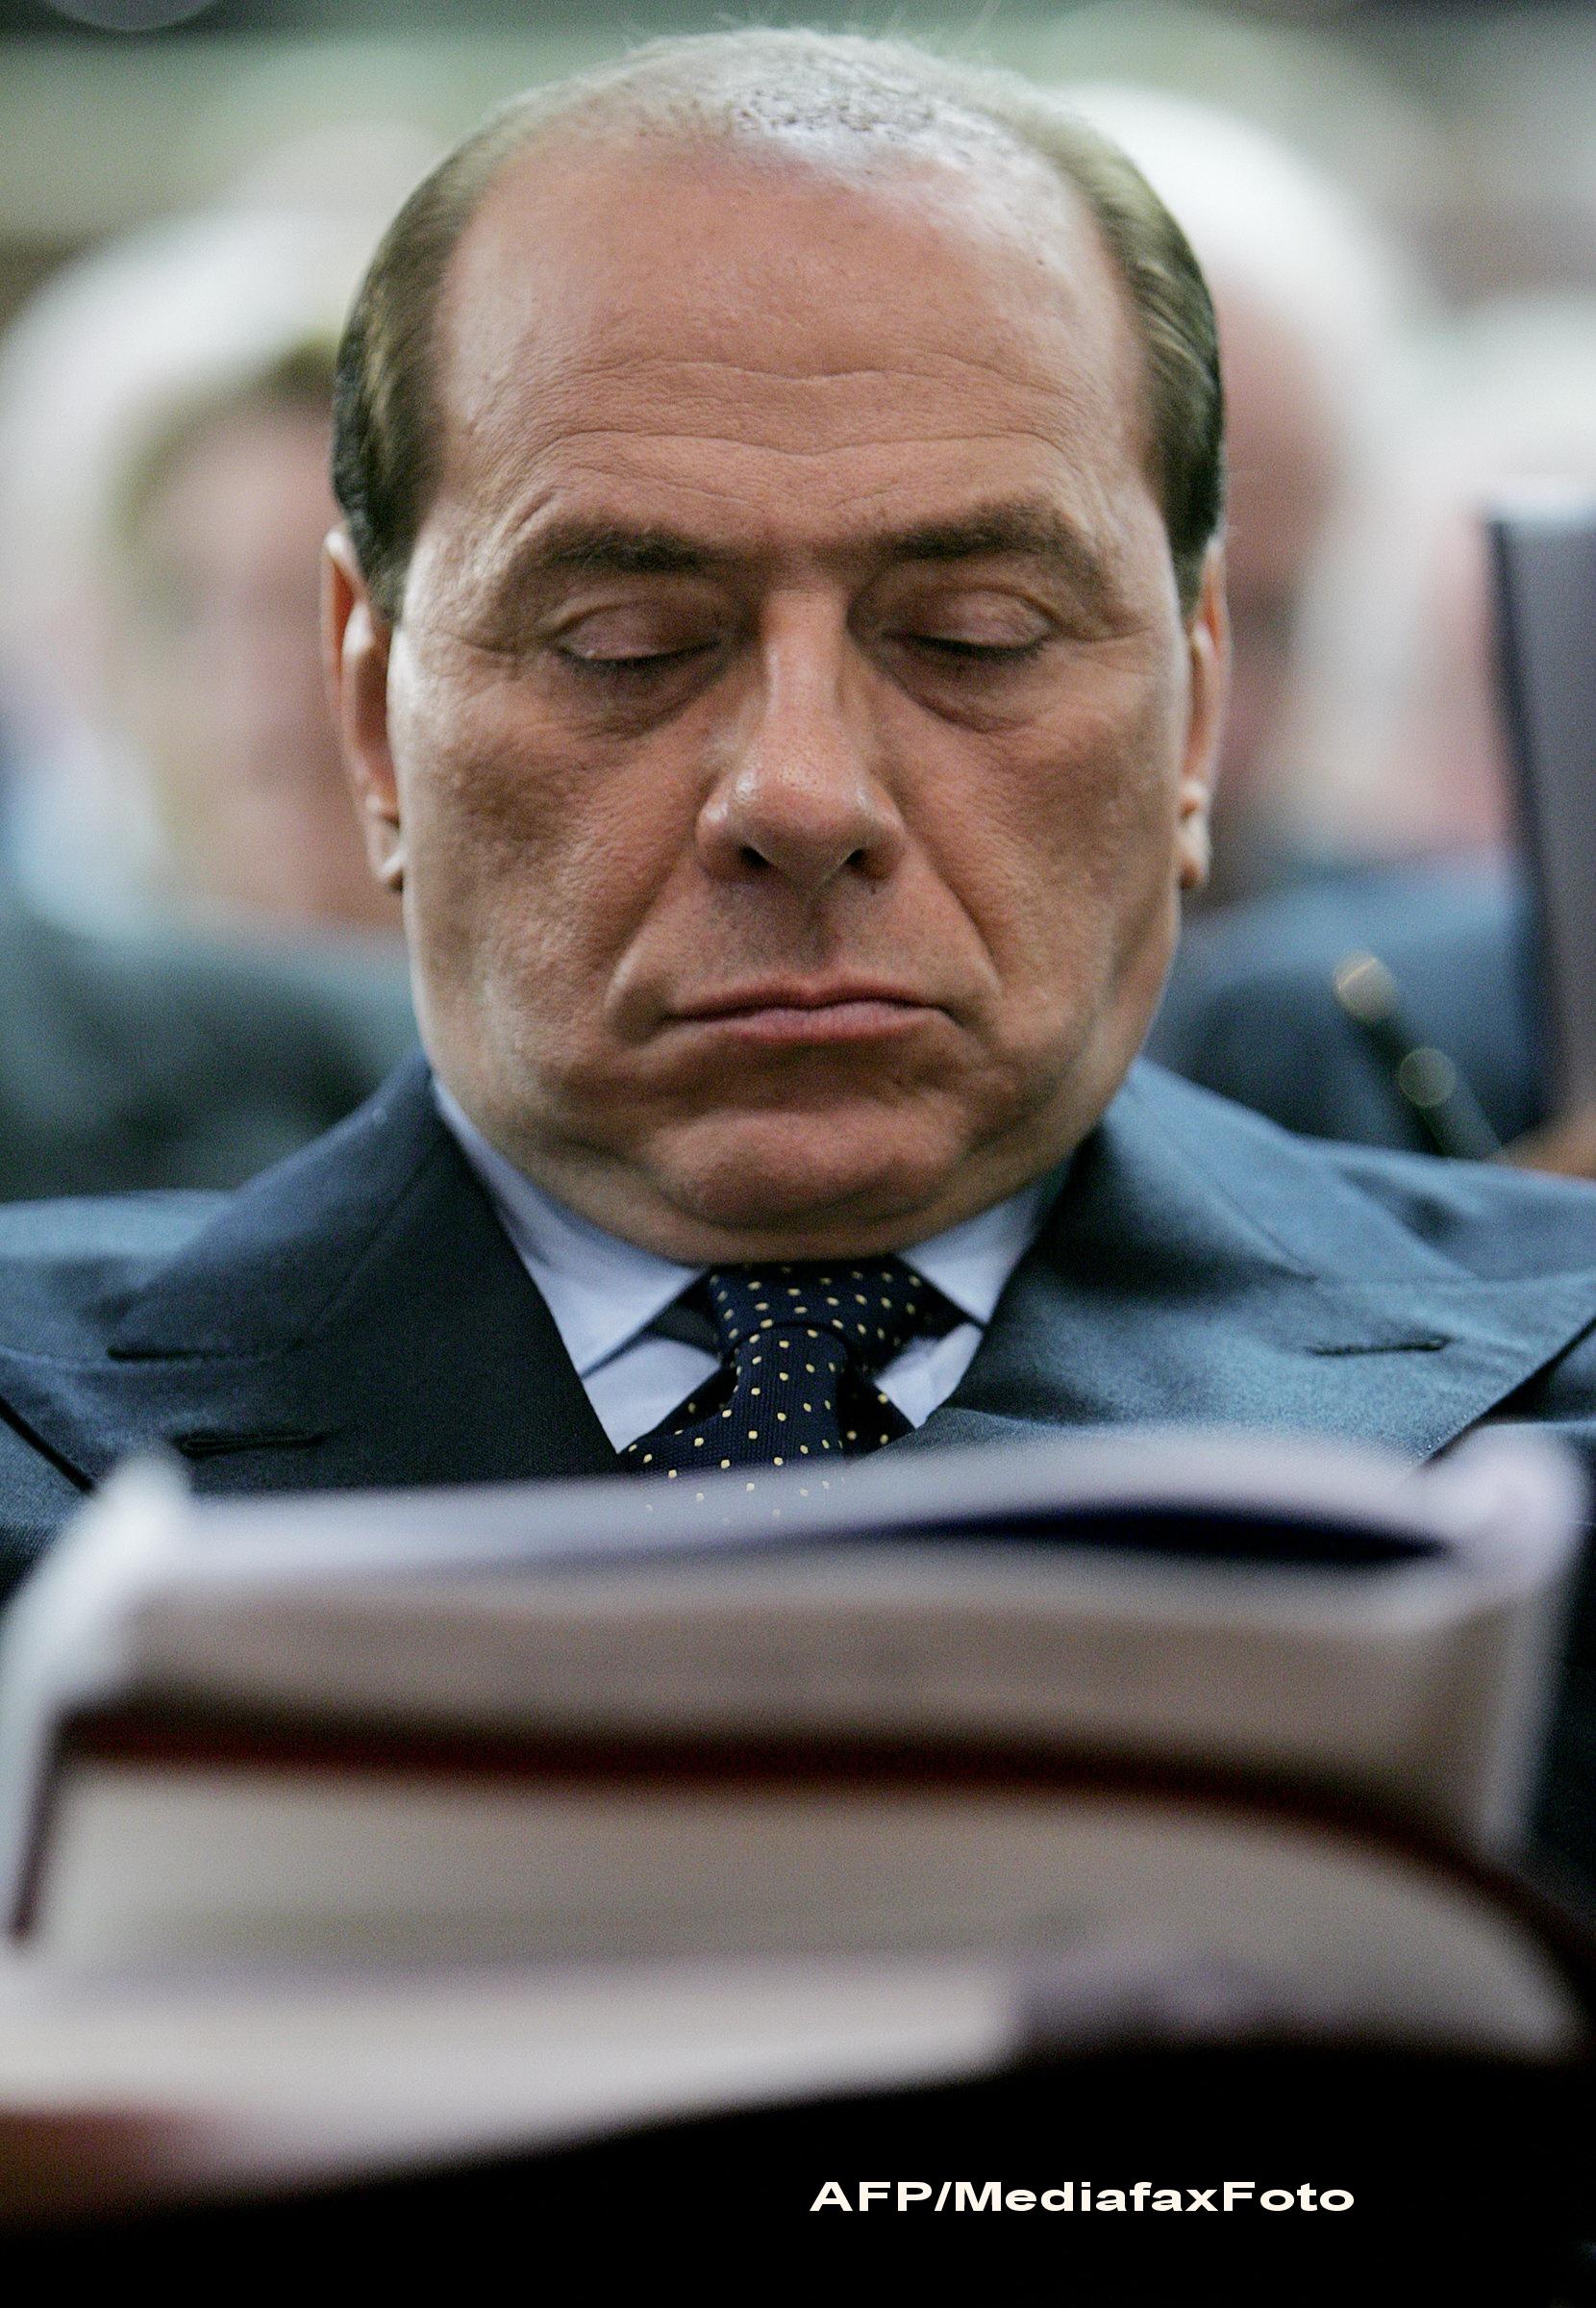 Silvio Berlusconi a fost condamnat la inchisoare. Anuntul facut de Curtea de Casatie din Italia